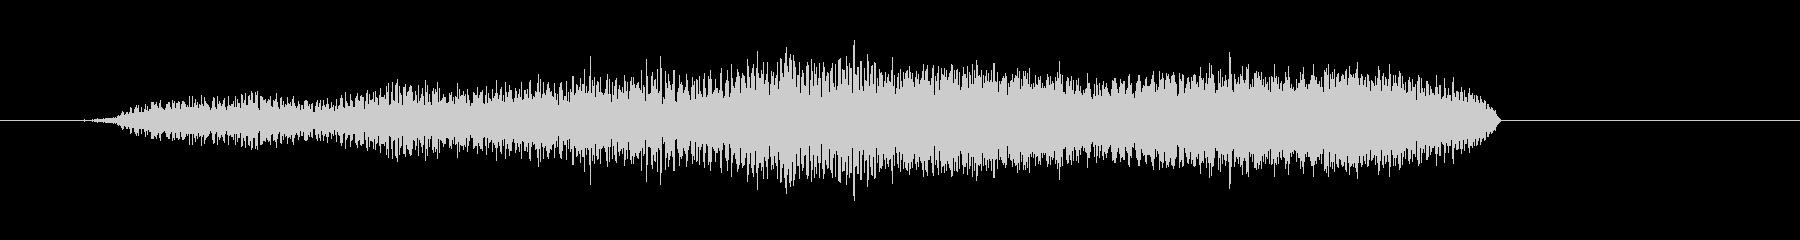 ブーン 上昇音の未再生の波形